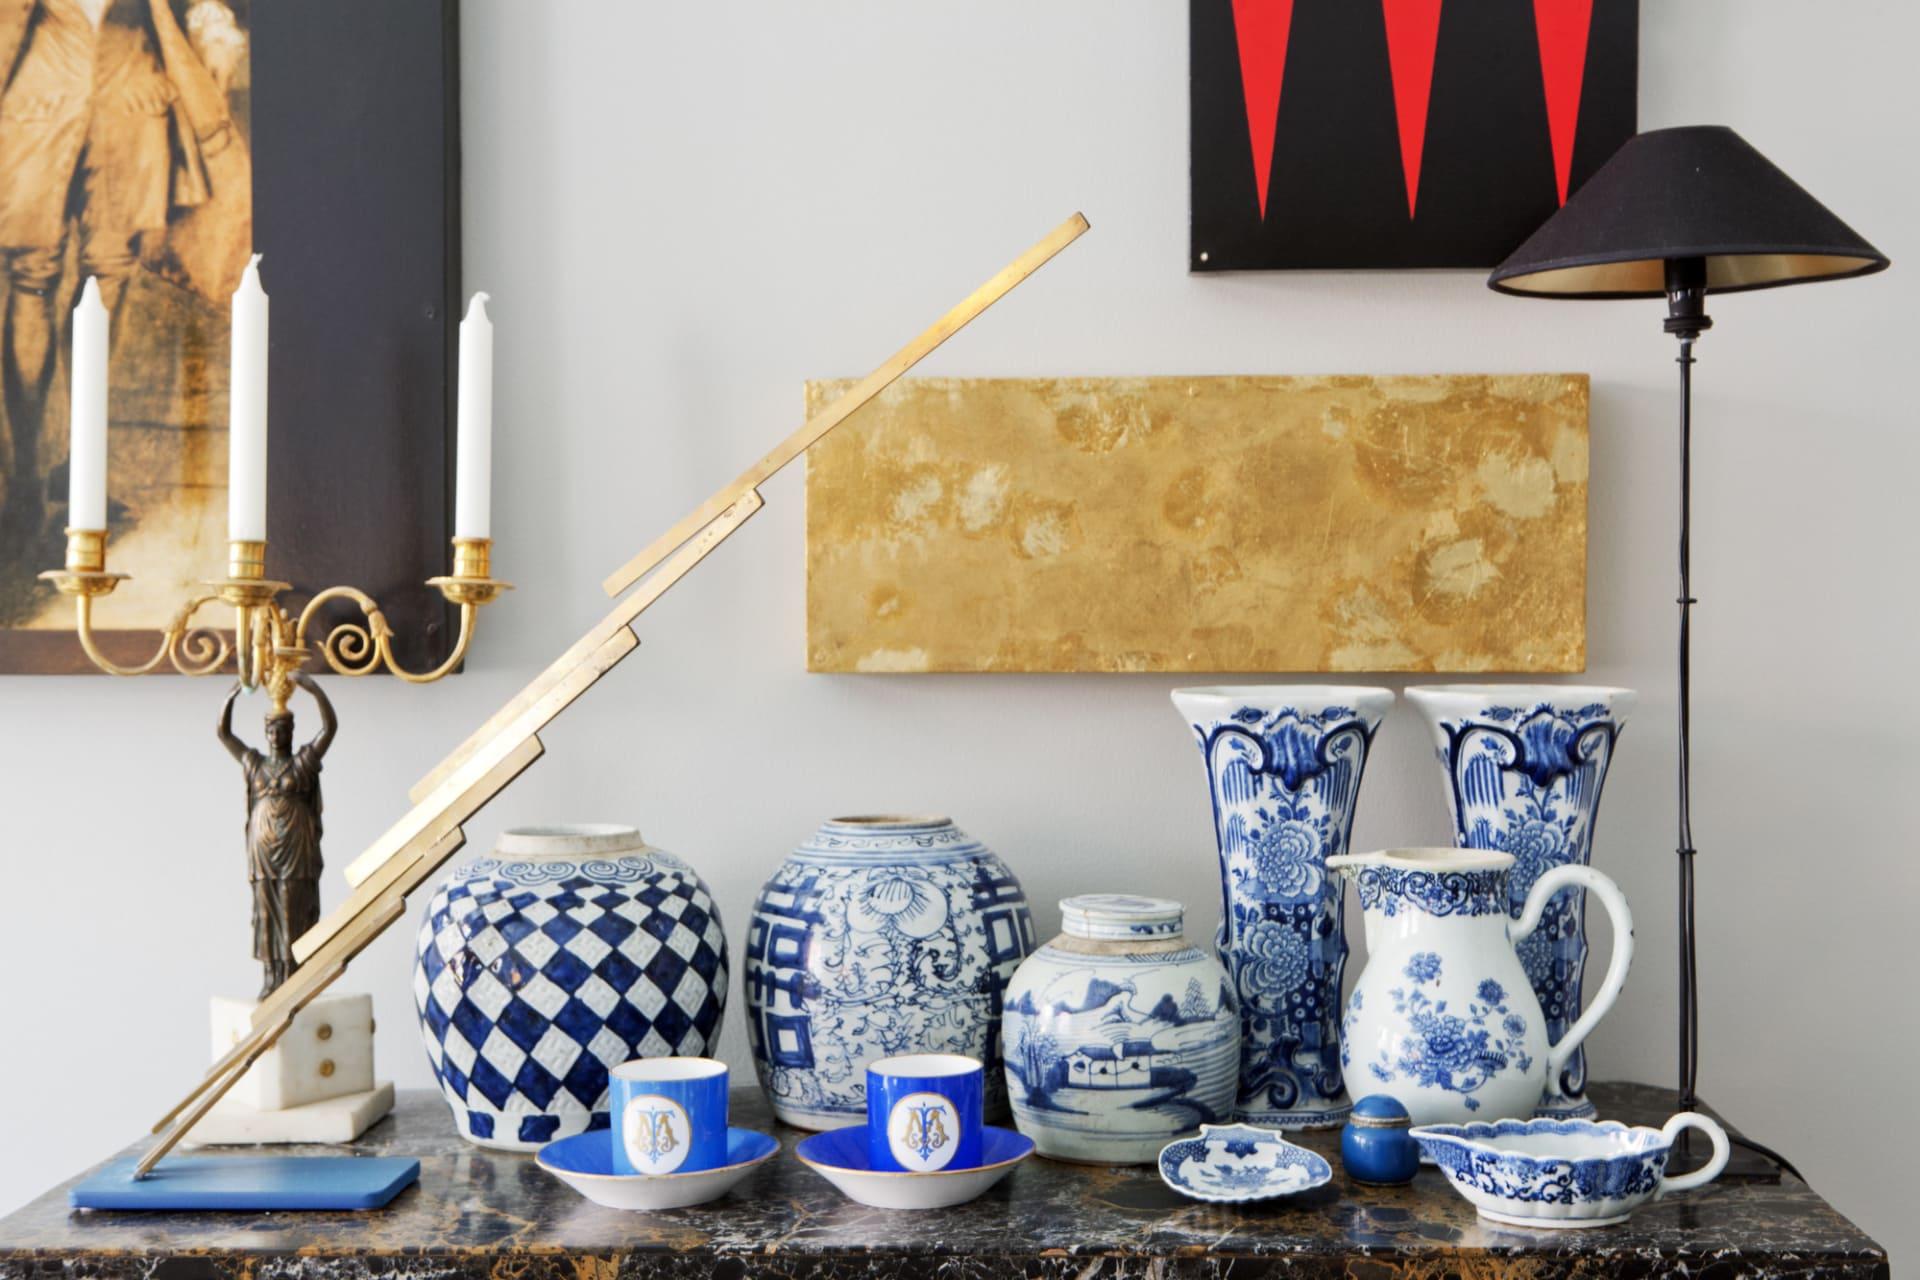 Ovanpå det venetianska bordet från 1700-talet samsas en empirljusstake i brons och marmor med en skulptur av Oscar Reutersvärd, en samling blåvitt porslin från kina och chokladkoppar. Lampan kommer från Pierre och Peters.